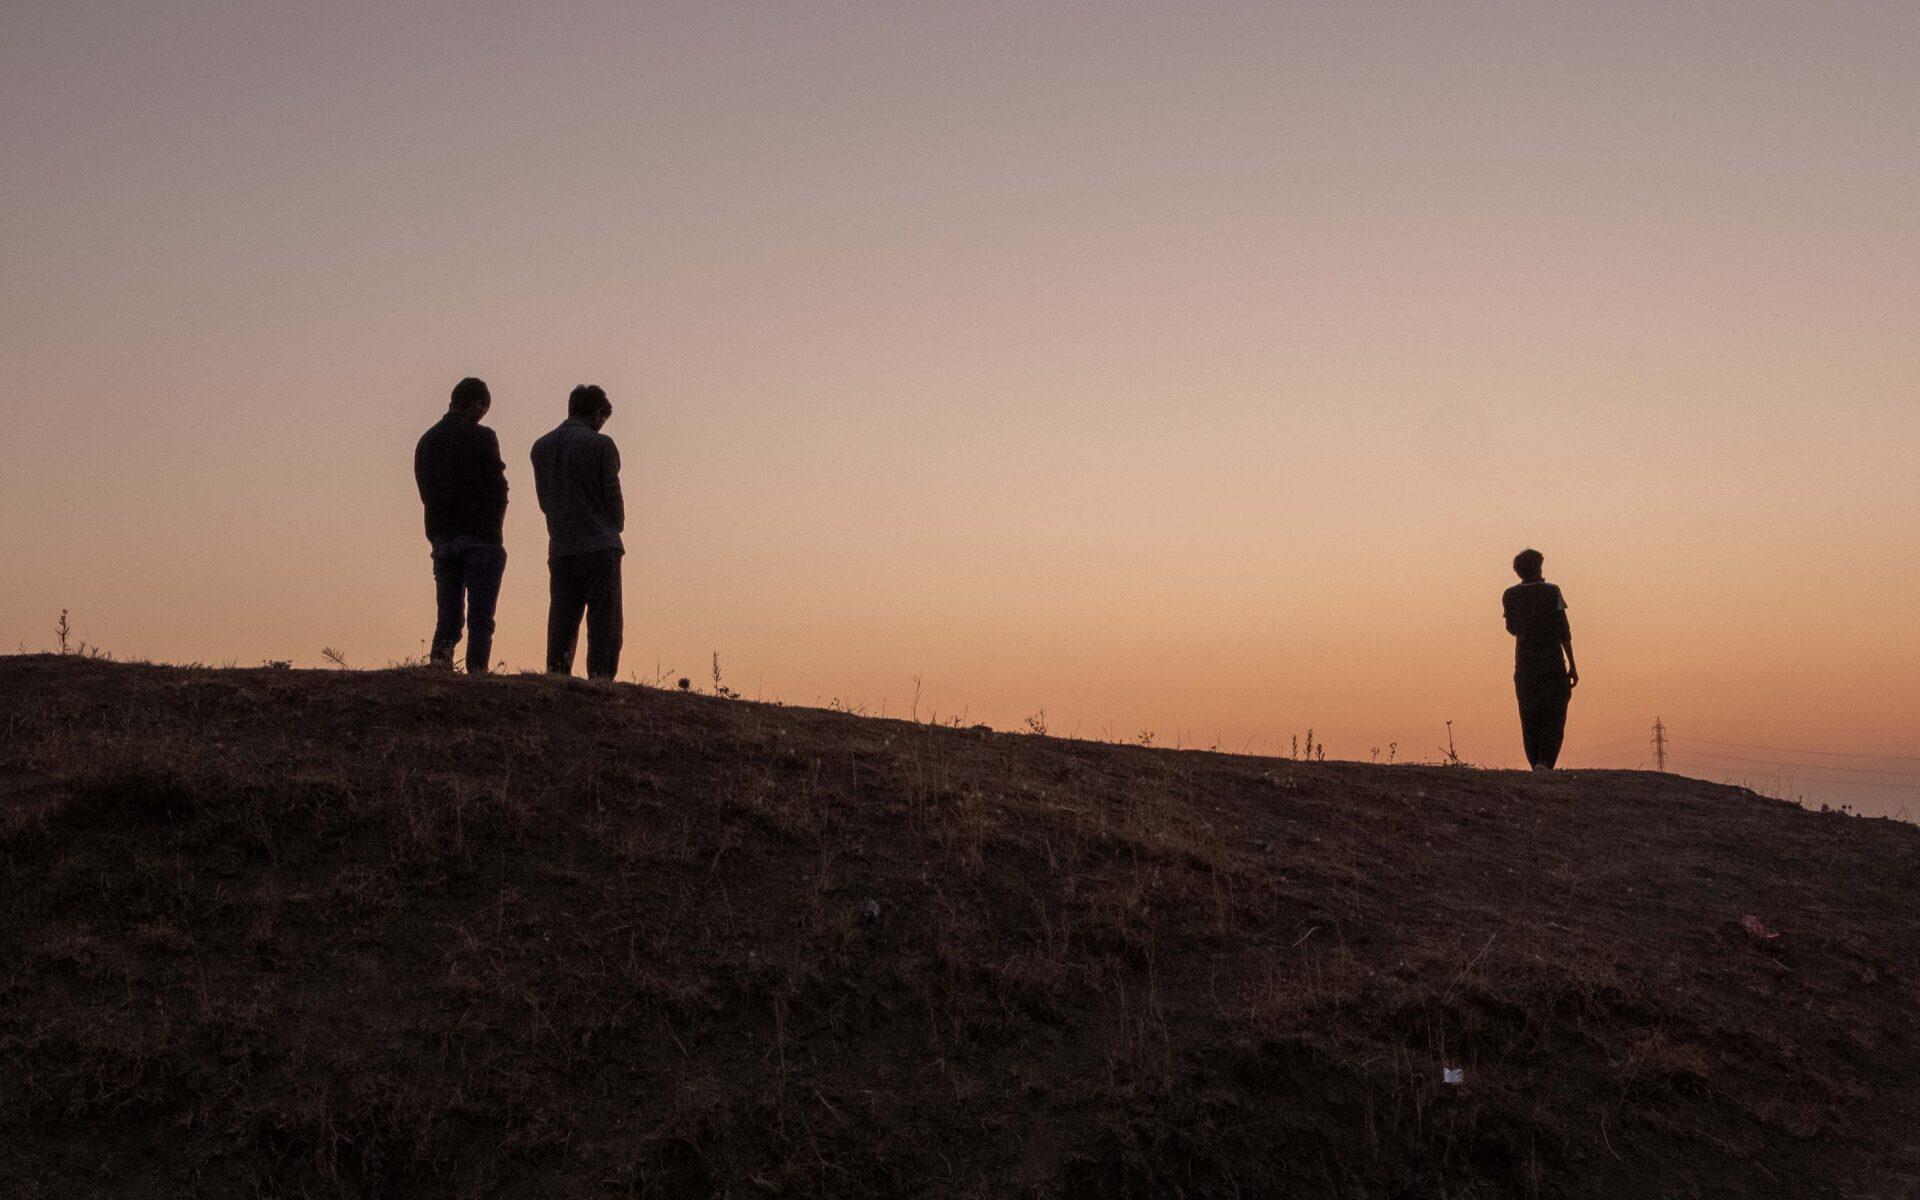 Hamid och hans vänner vänder sig mot Mecka och ber.